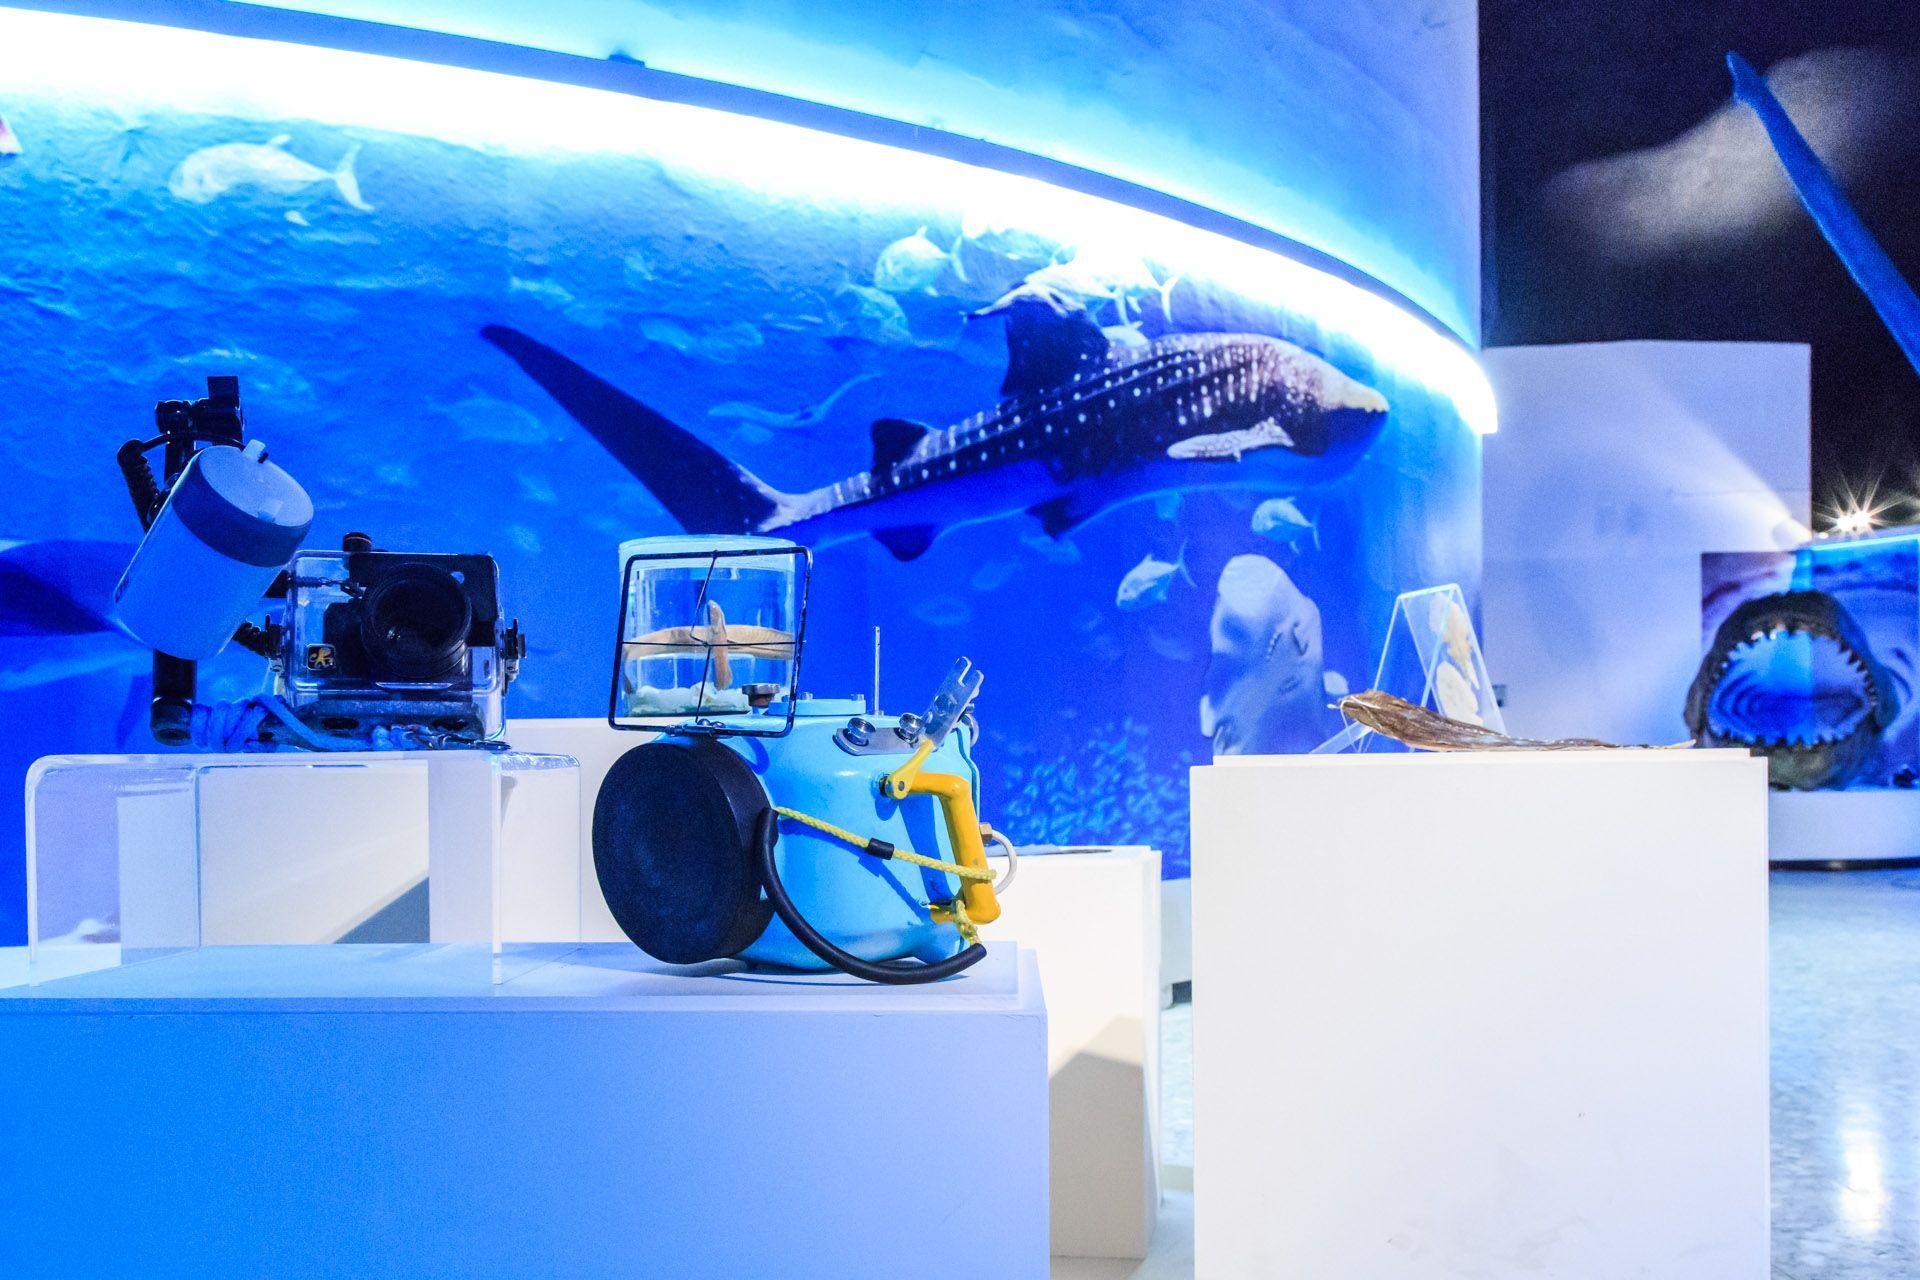 Los visitantes a la exhibición podrán comparar su tamaño con las siluetas de estos animales, observar mandíbulas originales de diferentes ejemplares y tocar una piel real de tiburón zorro.